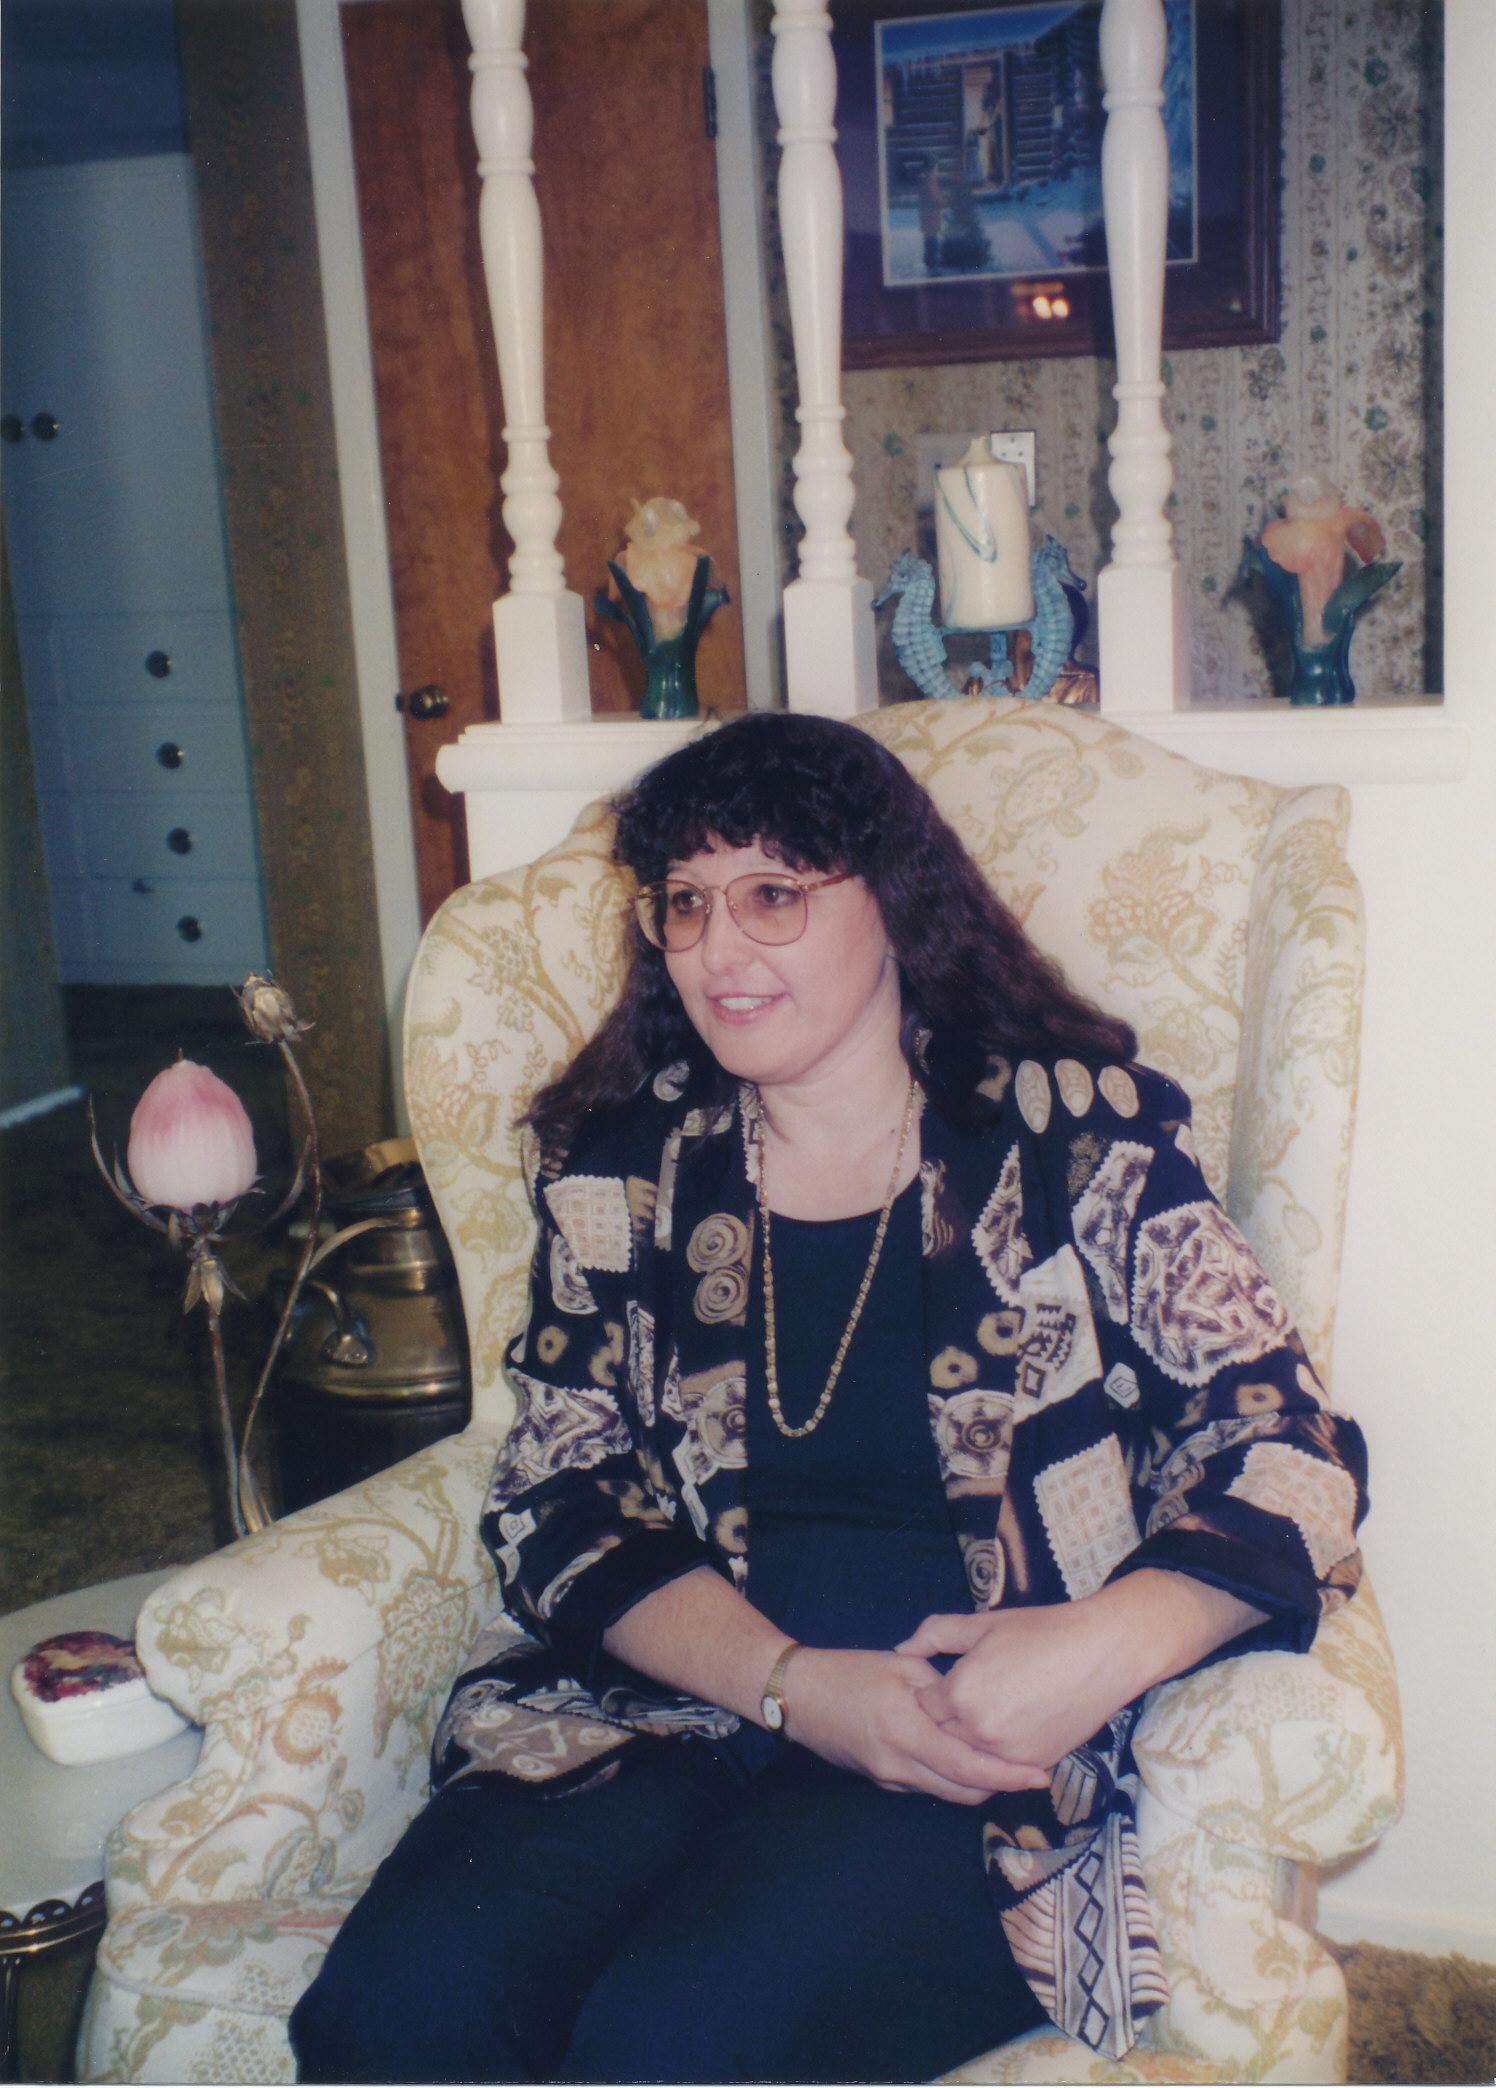 Sue interviewing MarieBalshor